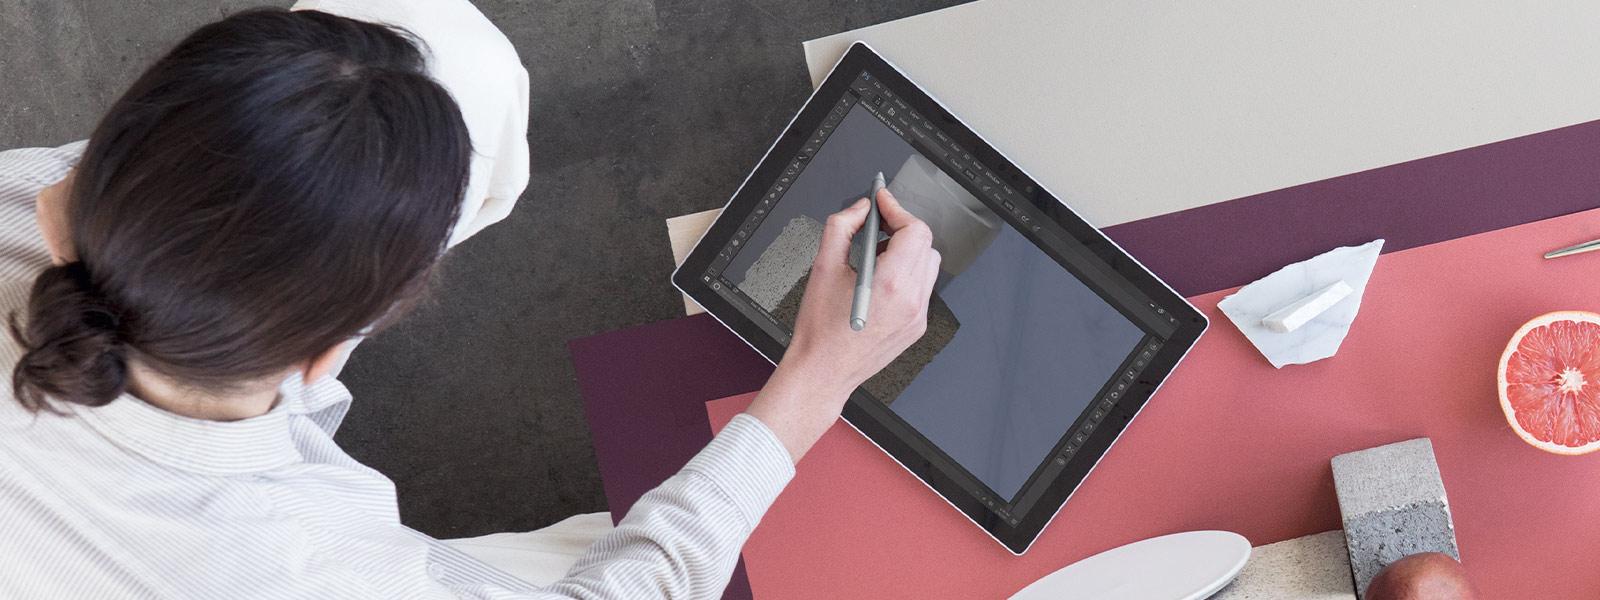 Iemand die de Surface Pen op een Surface-apparaat gebruikt.